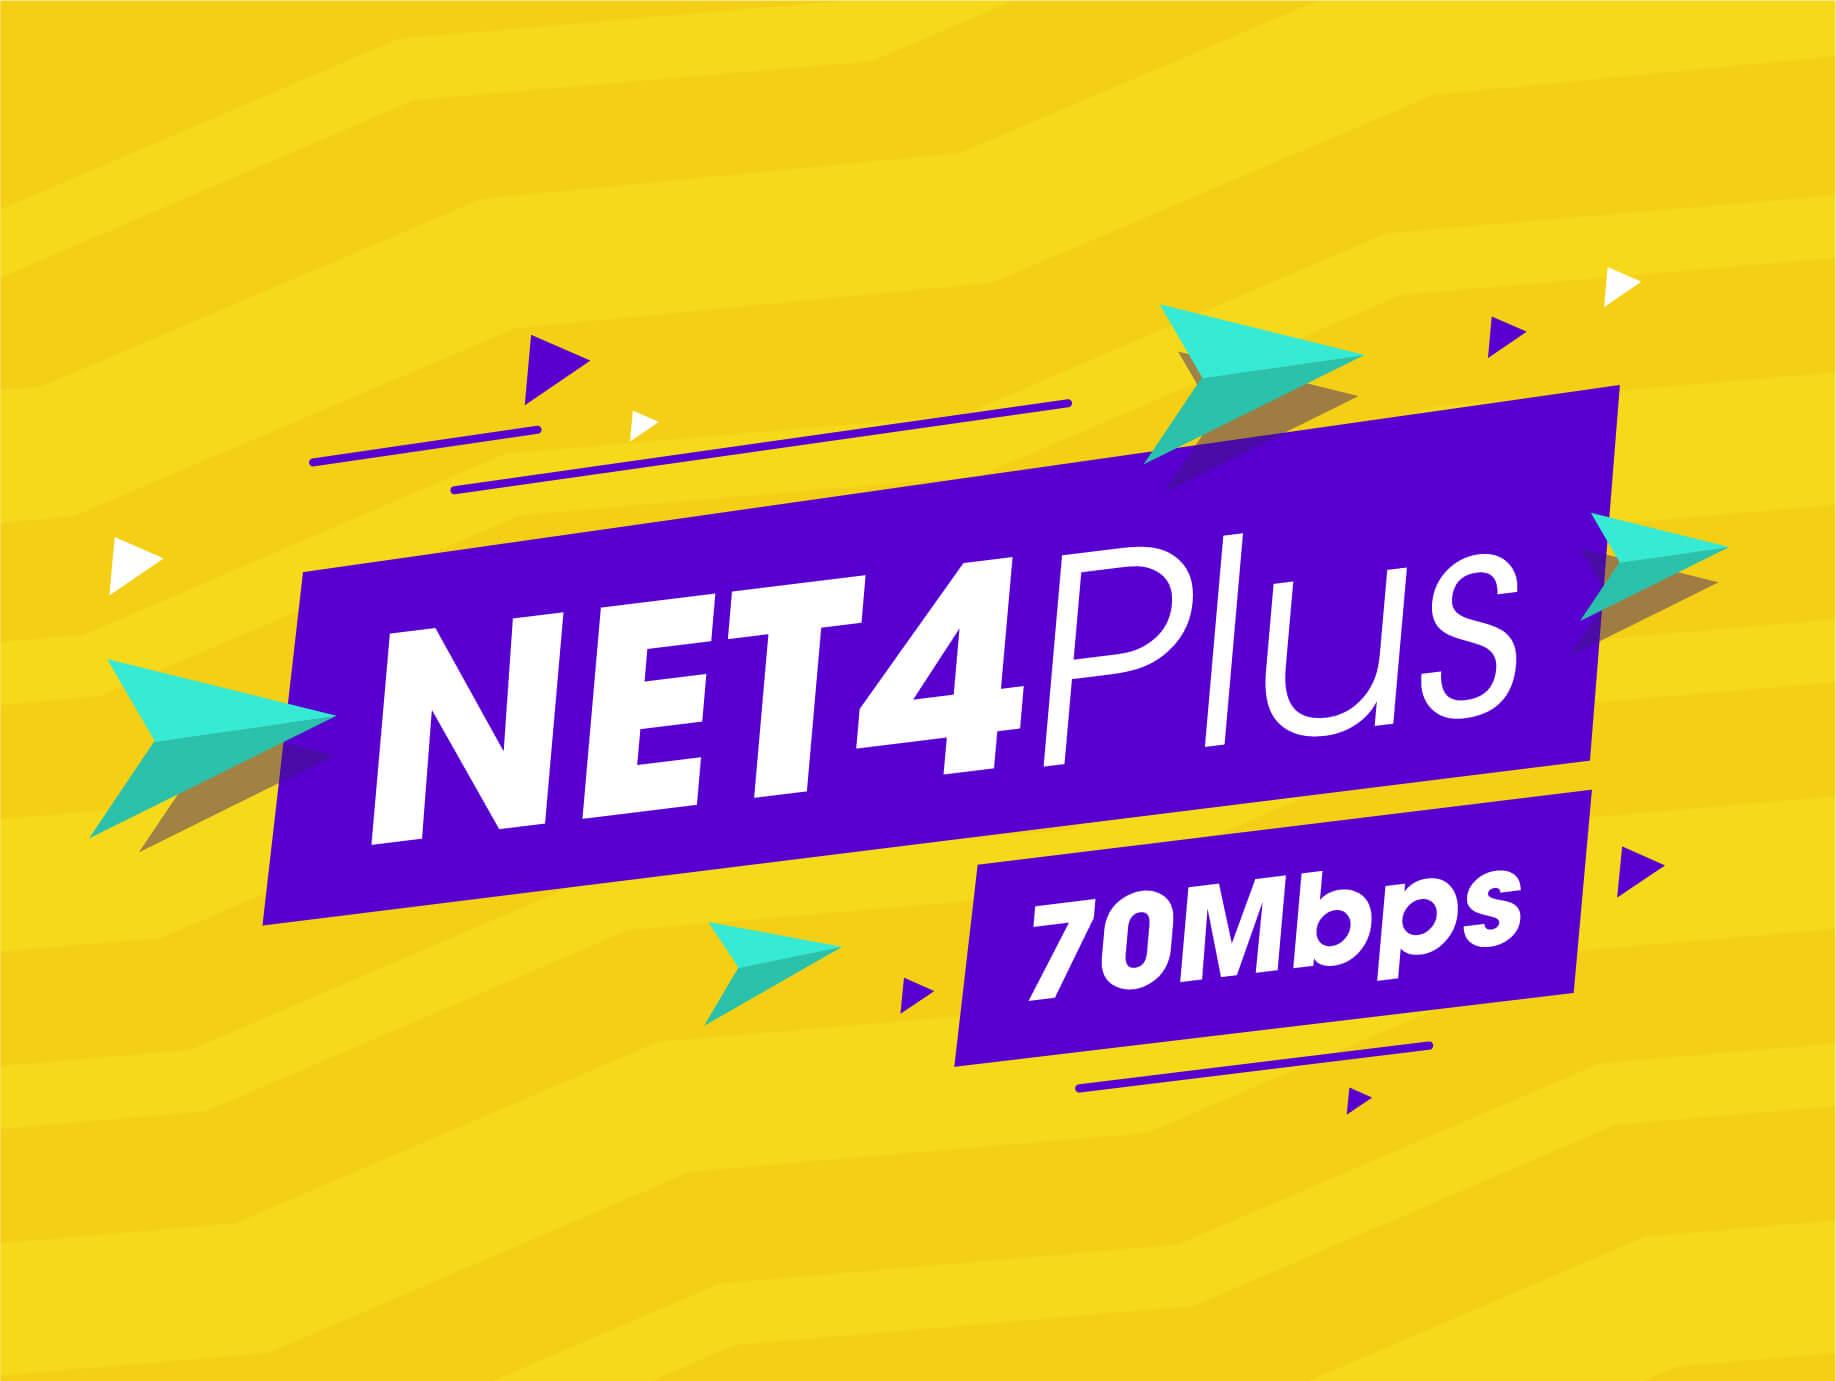 Internet Cáp Quang Wifi Gói Net 4 plus Viettel plus 70 Mbps